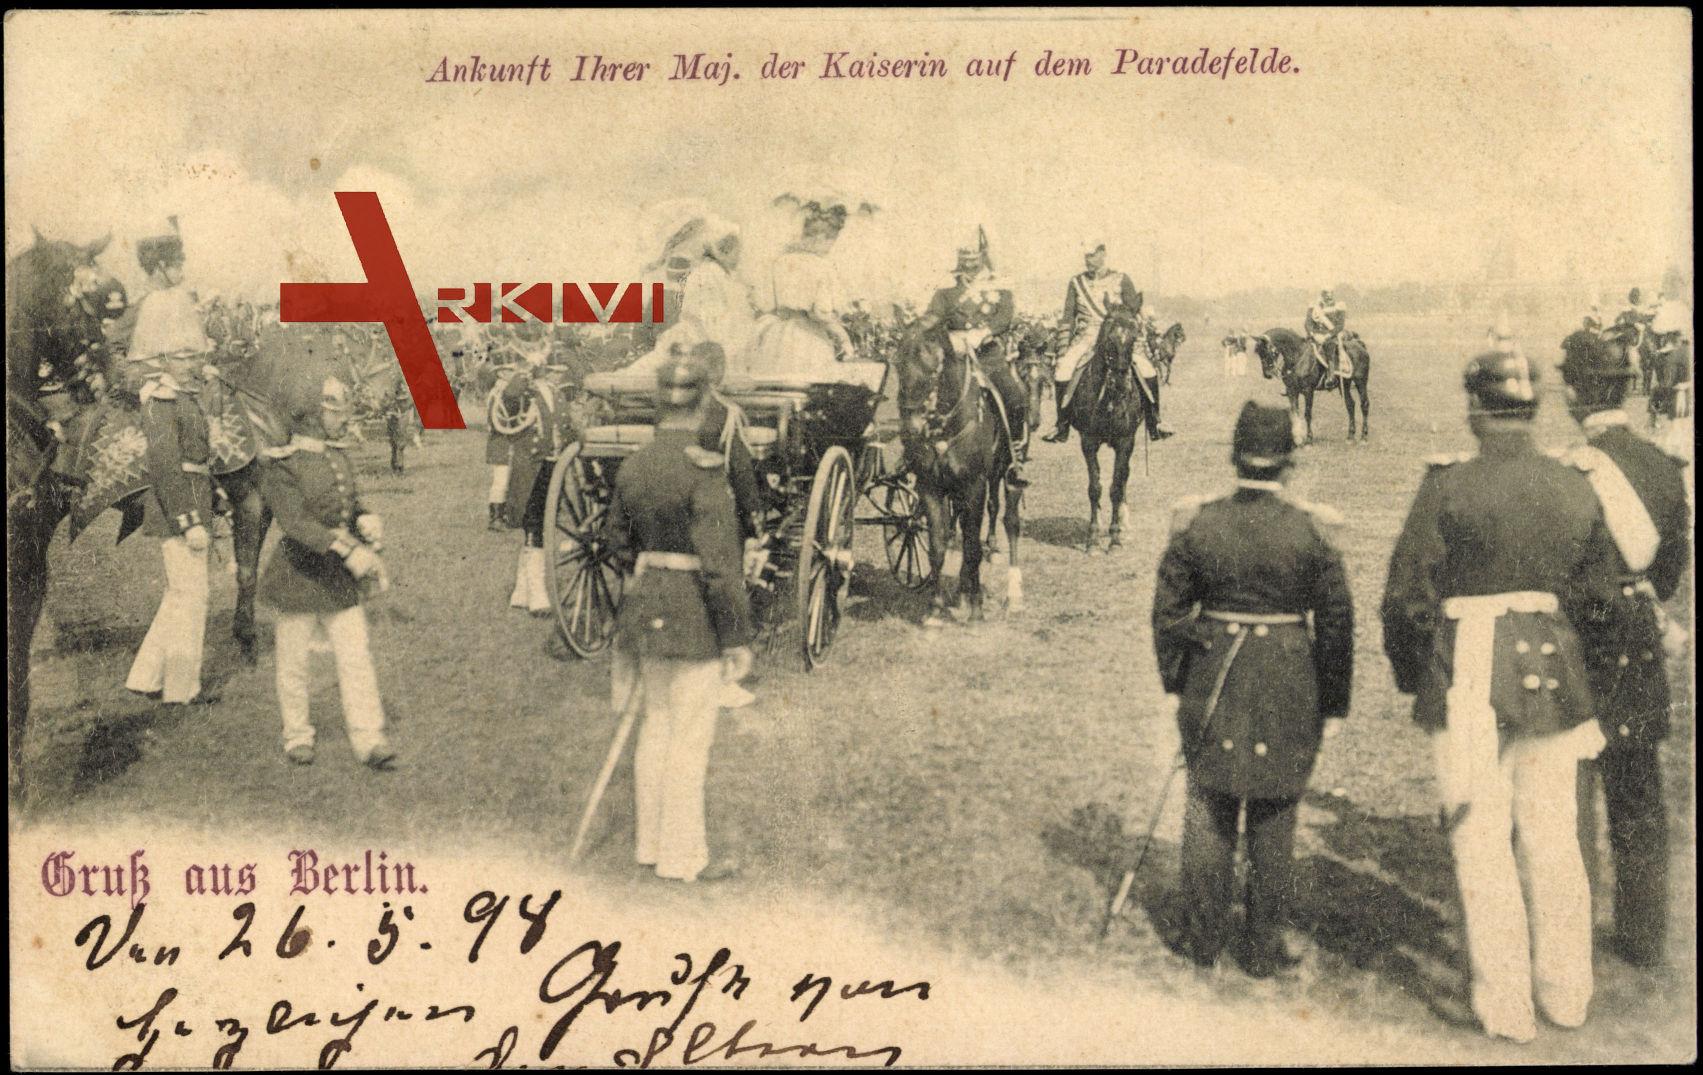 Berlin, Ankunft Ihrer Maj. der Kaiserin auf dem Paradefelde